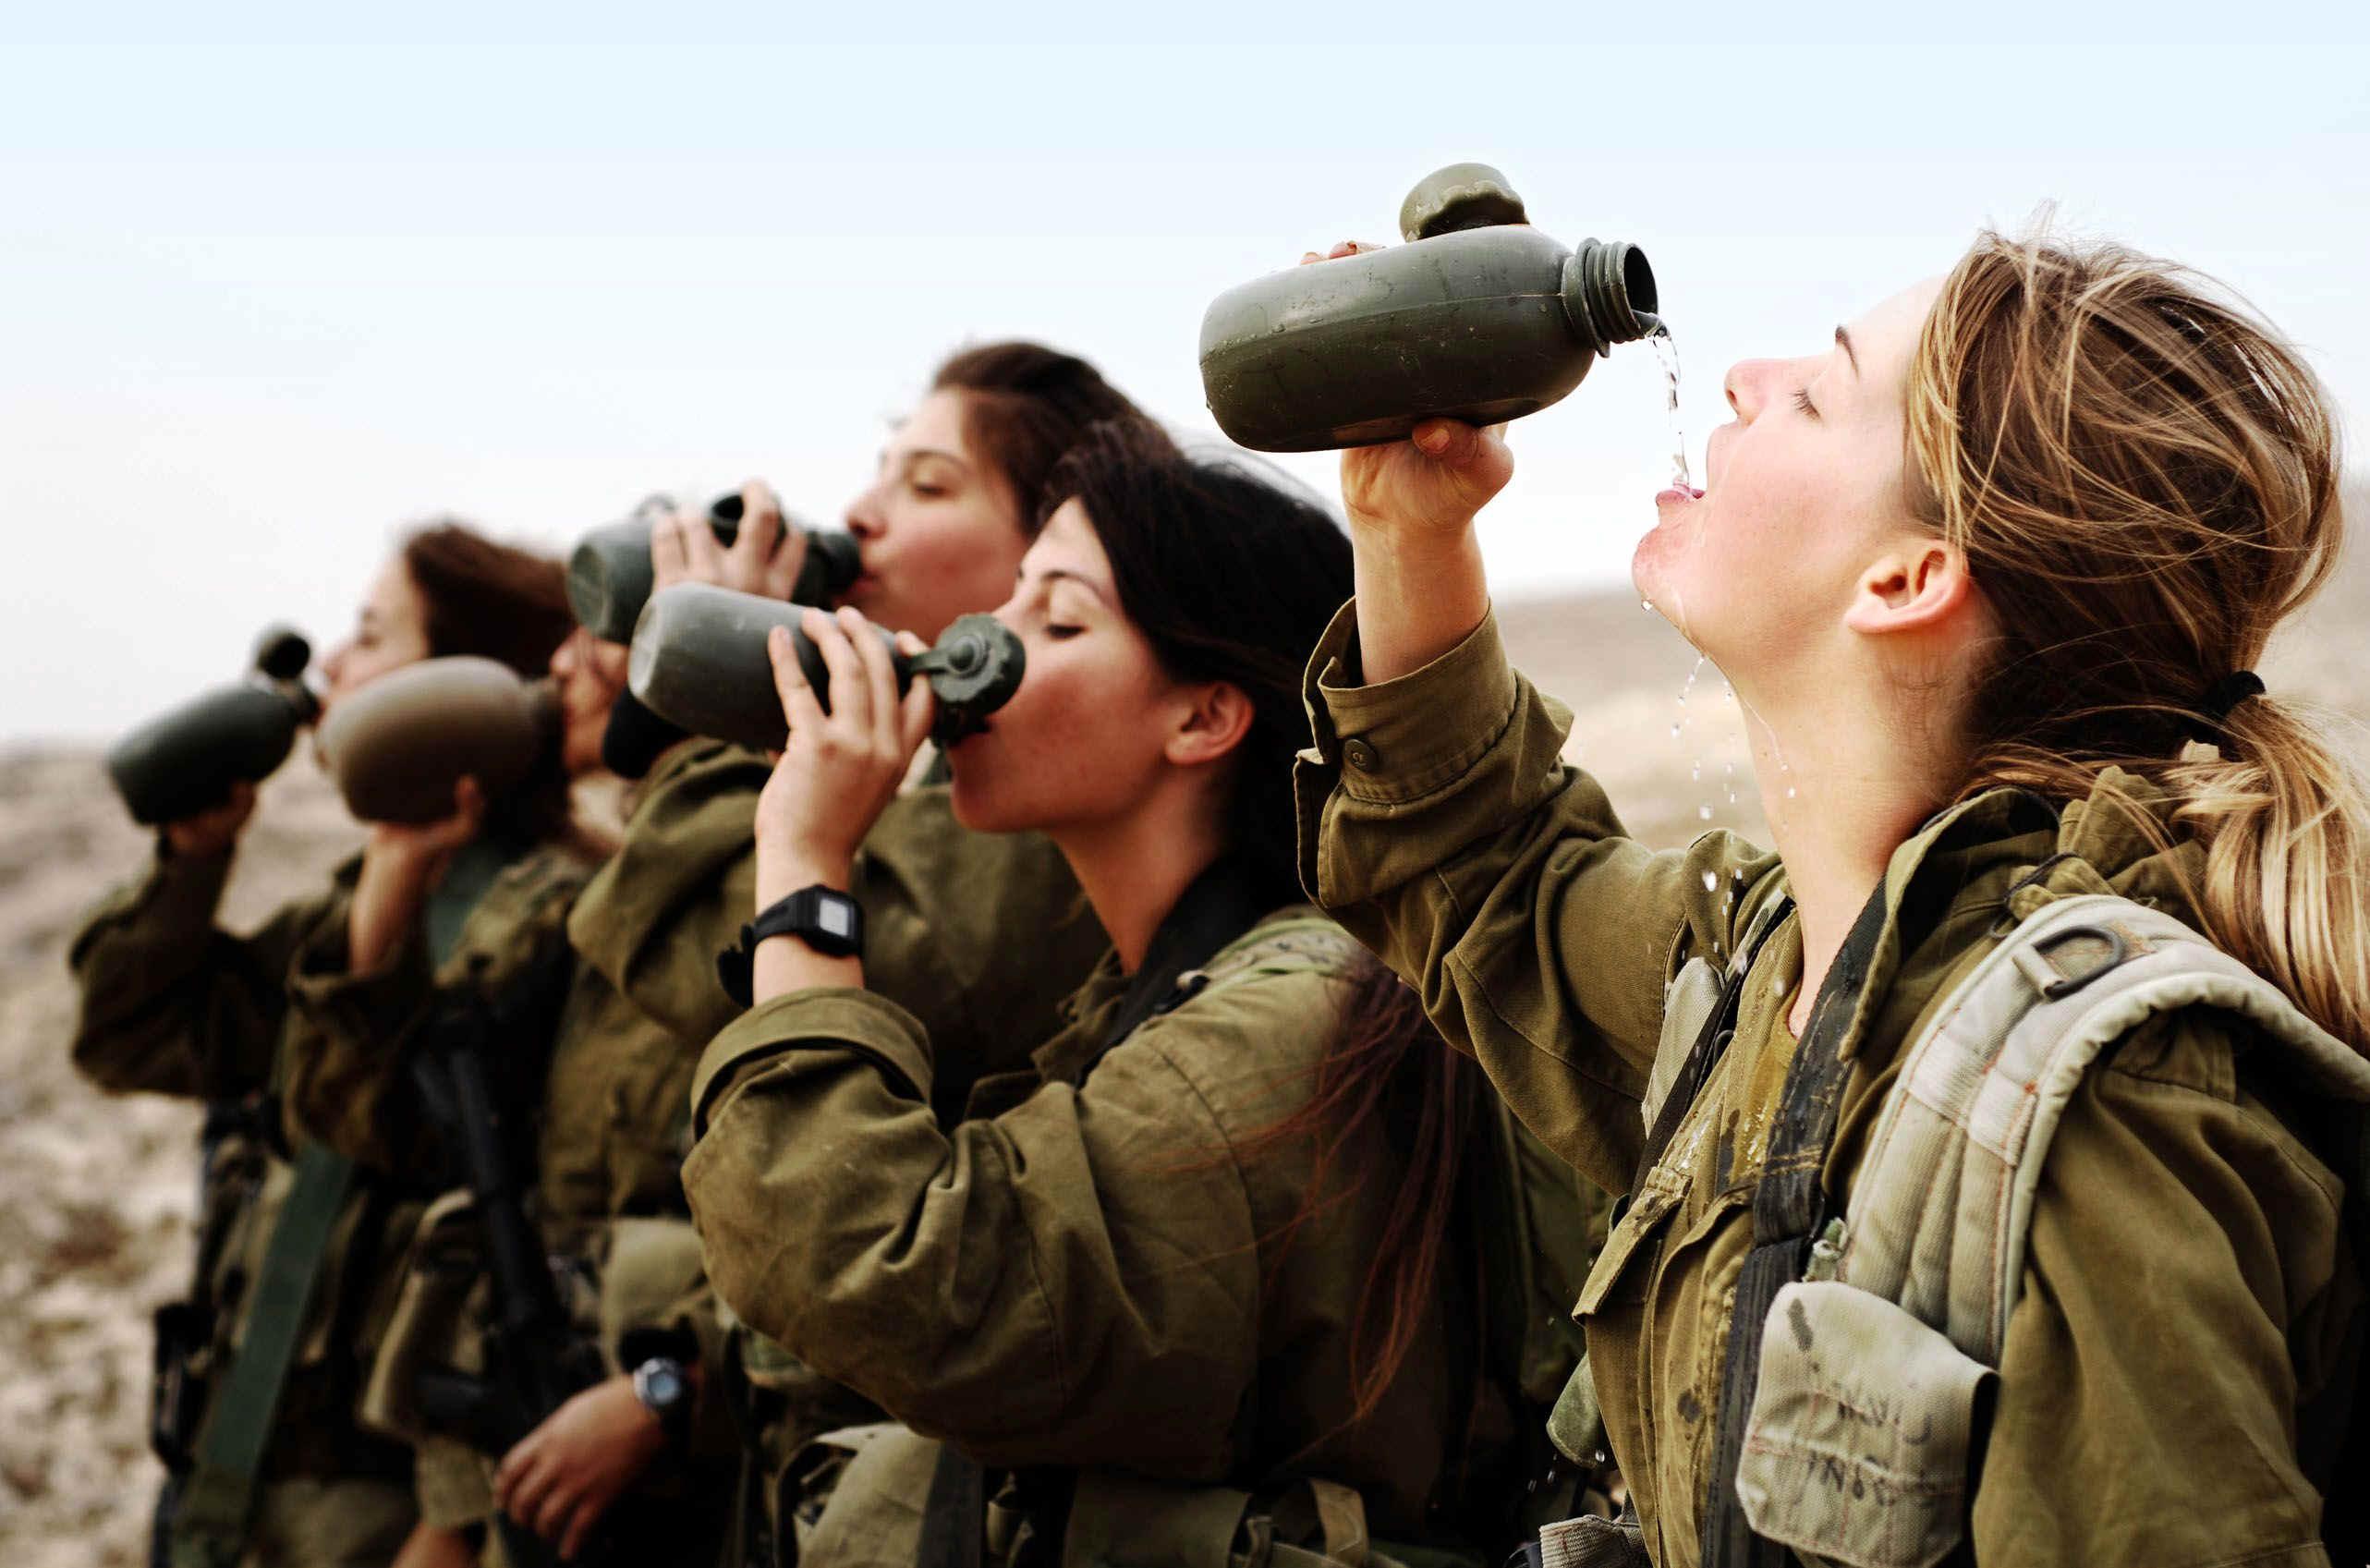 Fotos de mujeres en el ejercito israeli